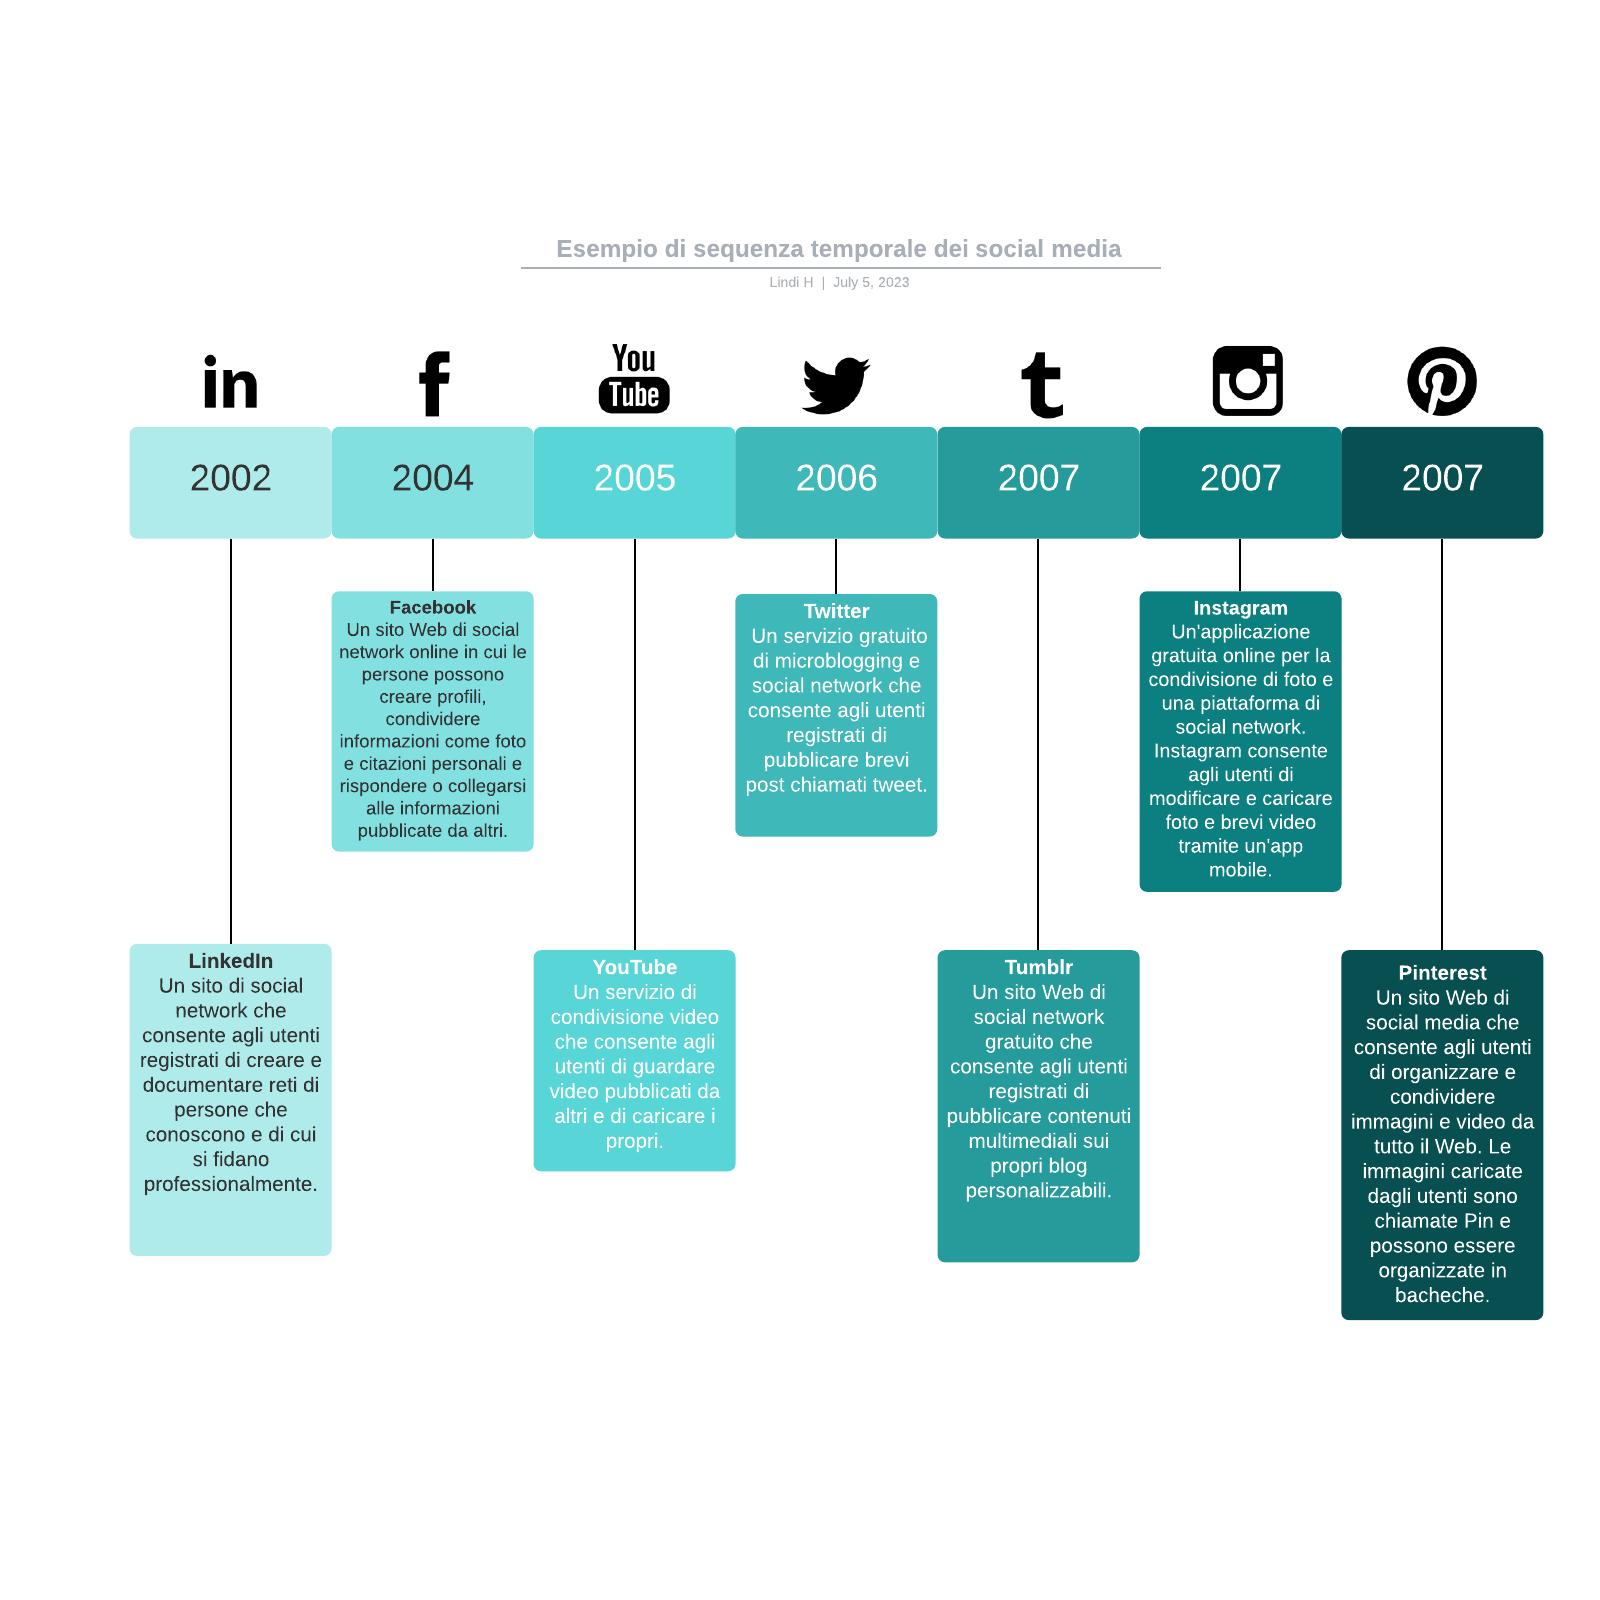 Esempio di sequenza temporale dei social media